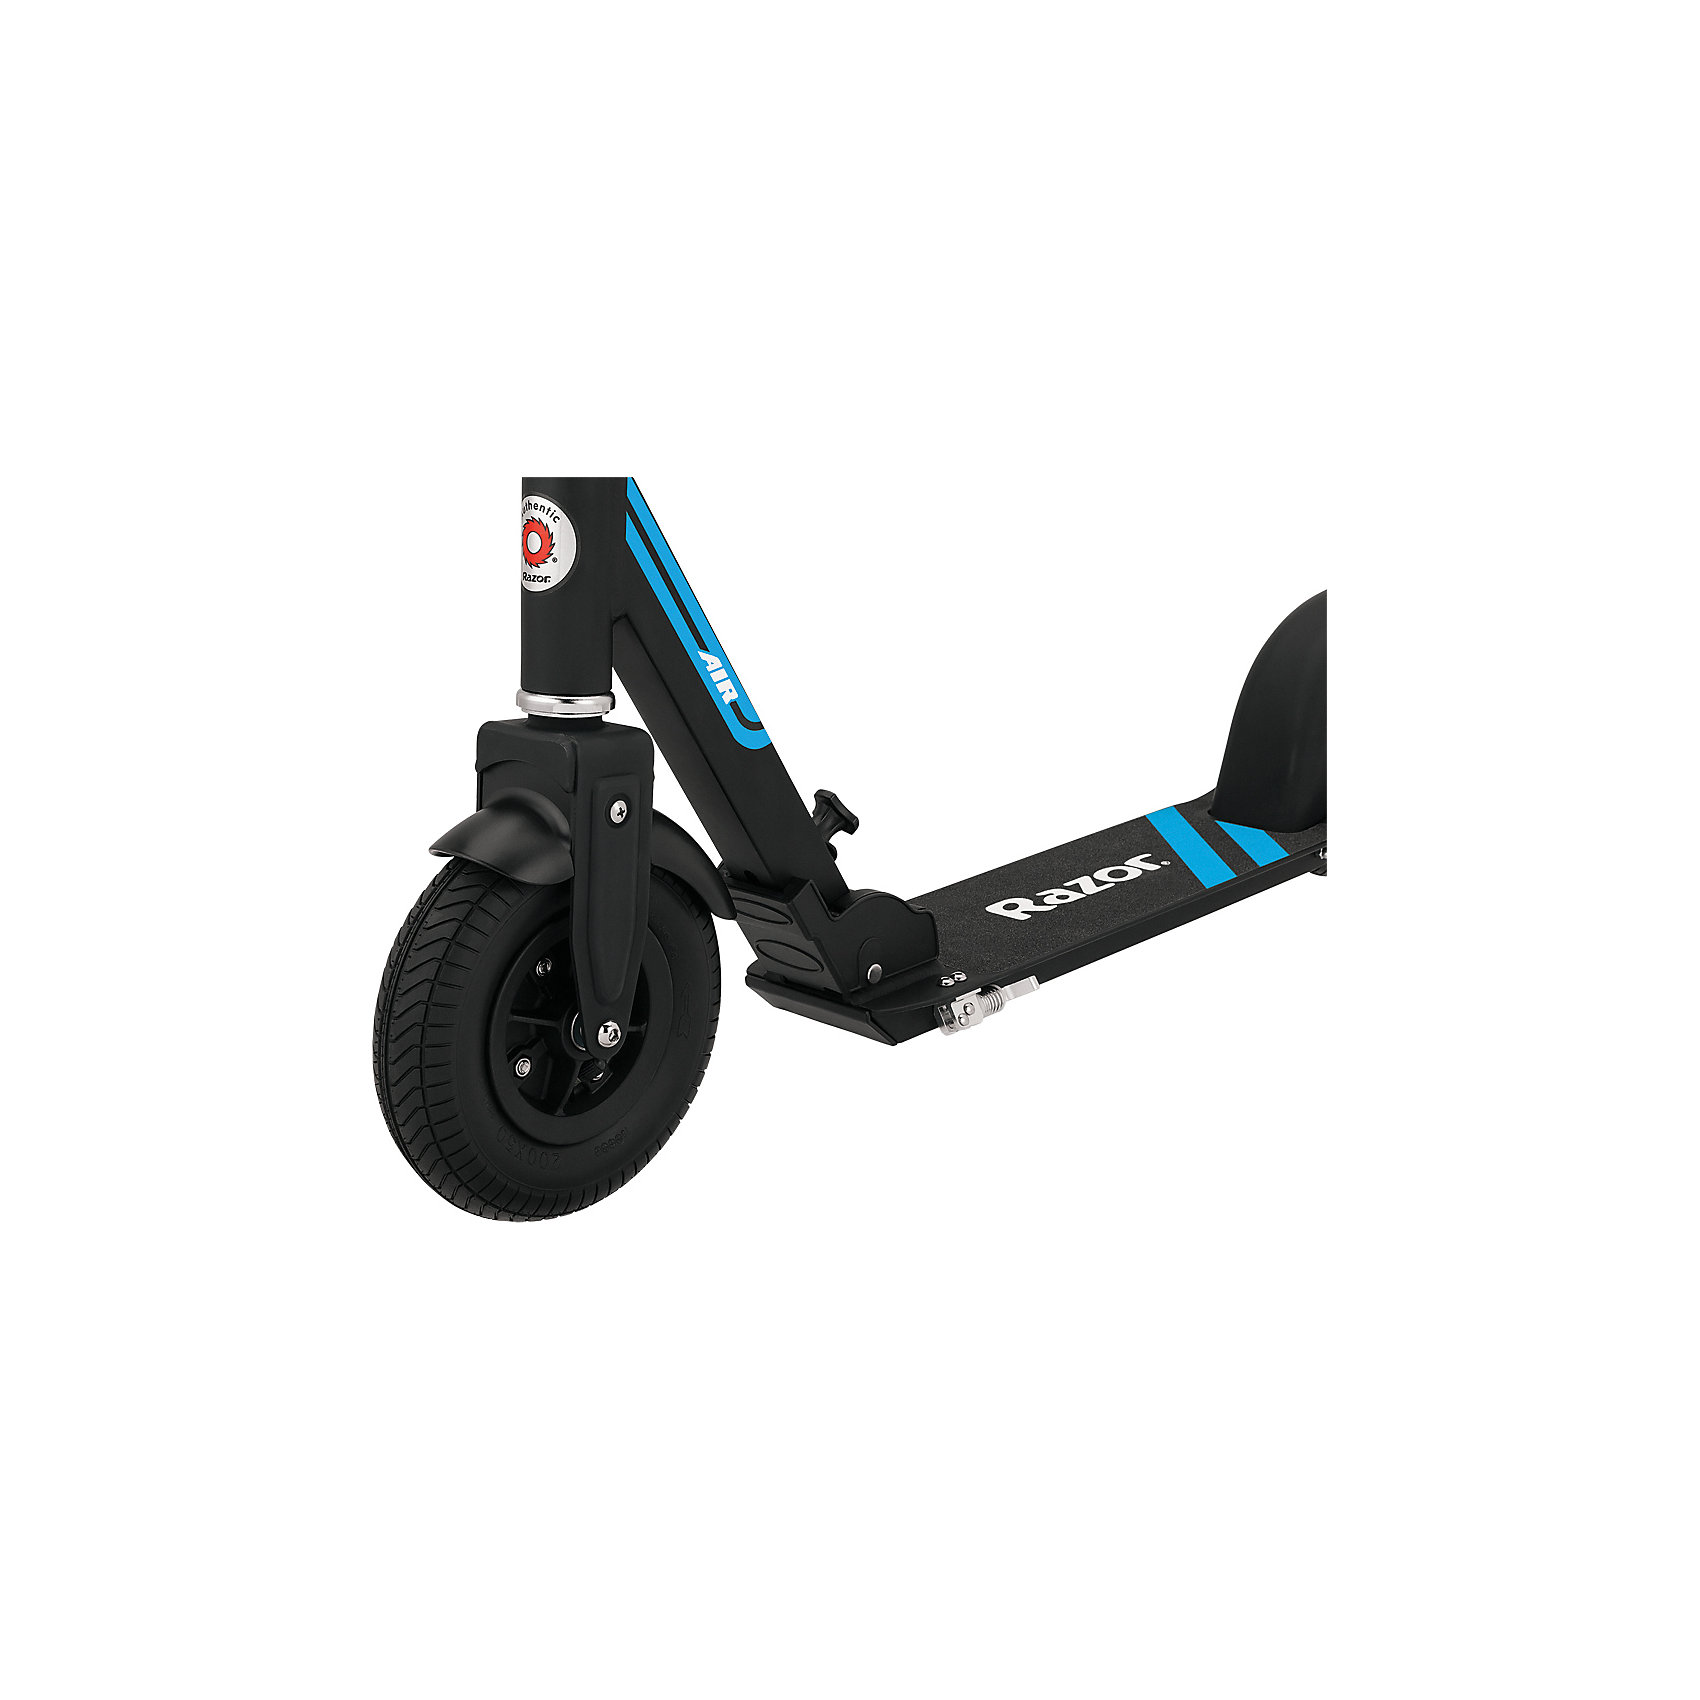 Neu Razor Scooter Scooter Scooter A 5 Air silber 8076388 silber b7d911